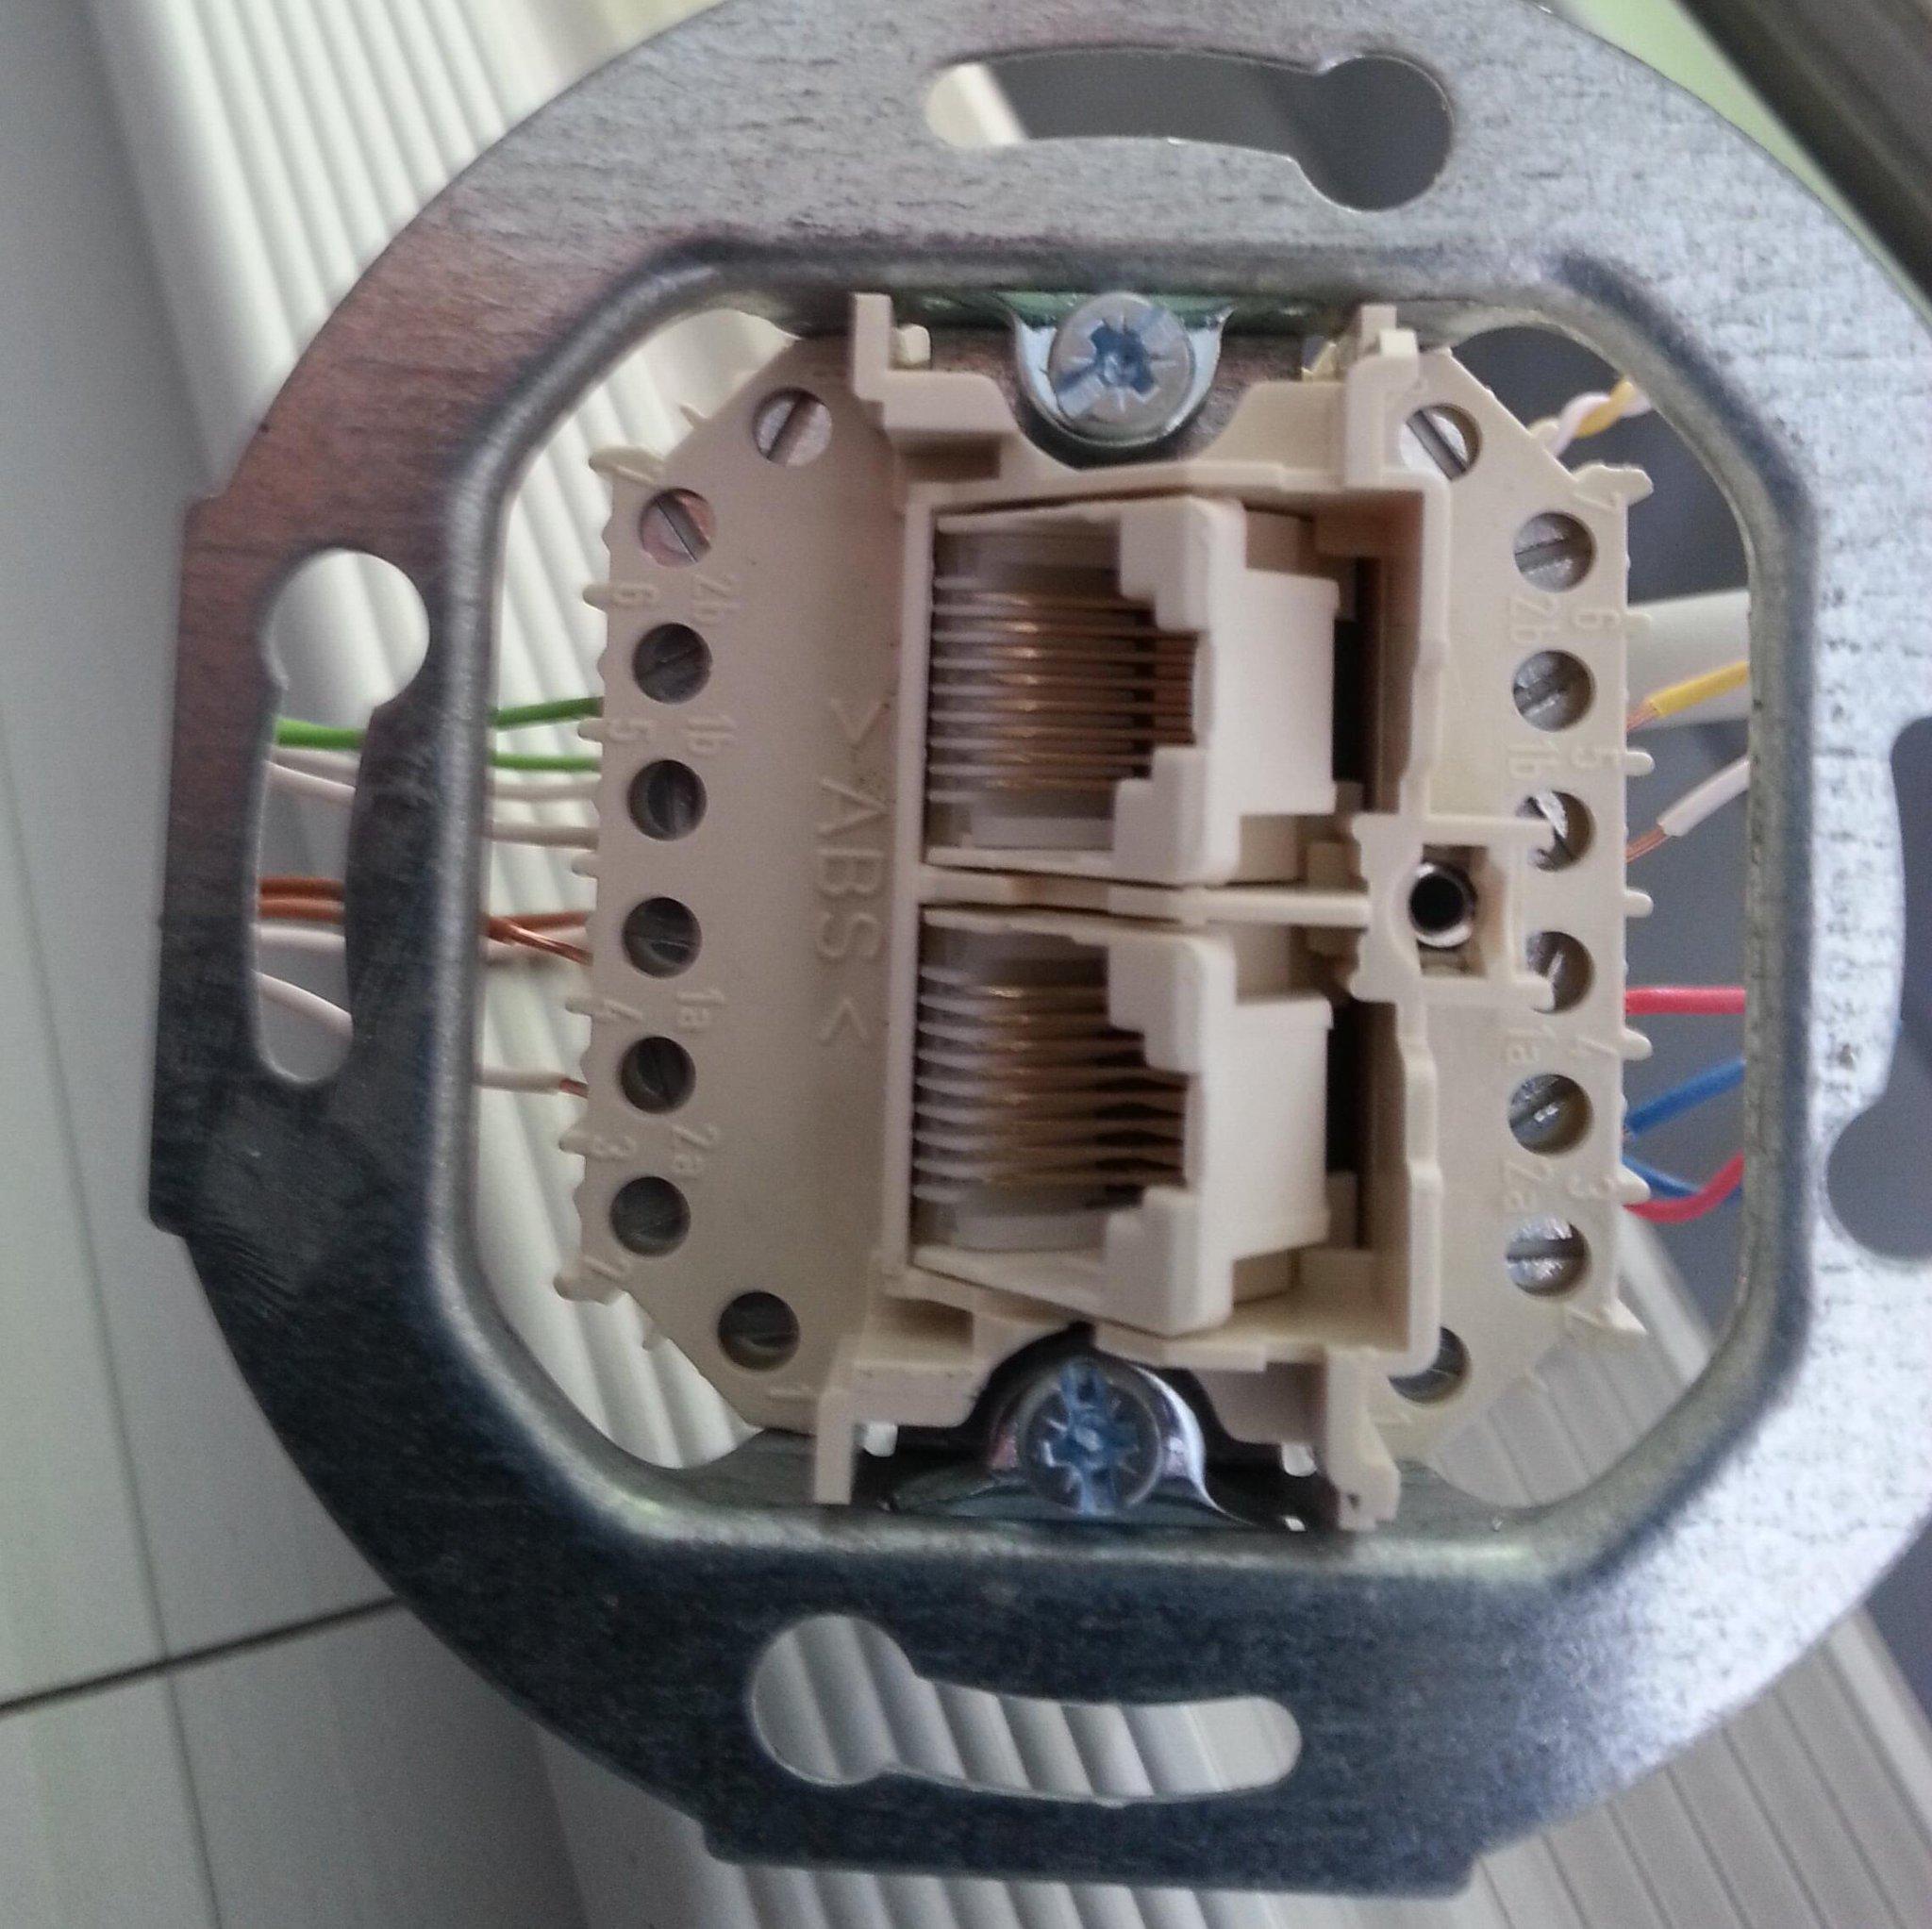 Manche Elektriker können froh sein, dass ISDN bald Geschicht ist. UAE-Dose nicht richtig anschliessen? Fehlanzeige! http://t.co/sXyuq50v9C